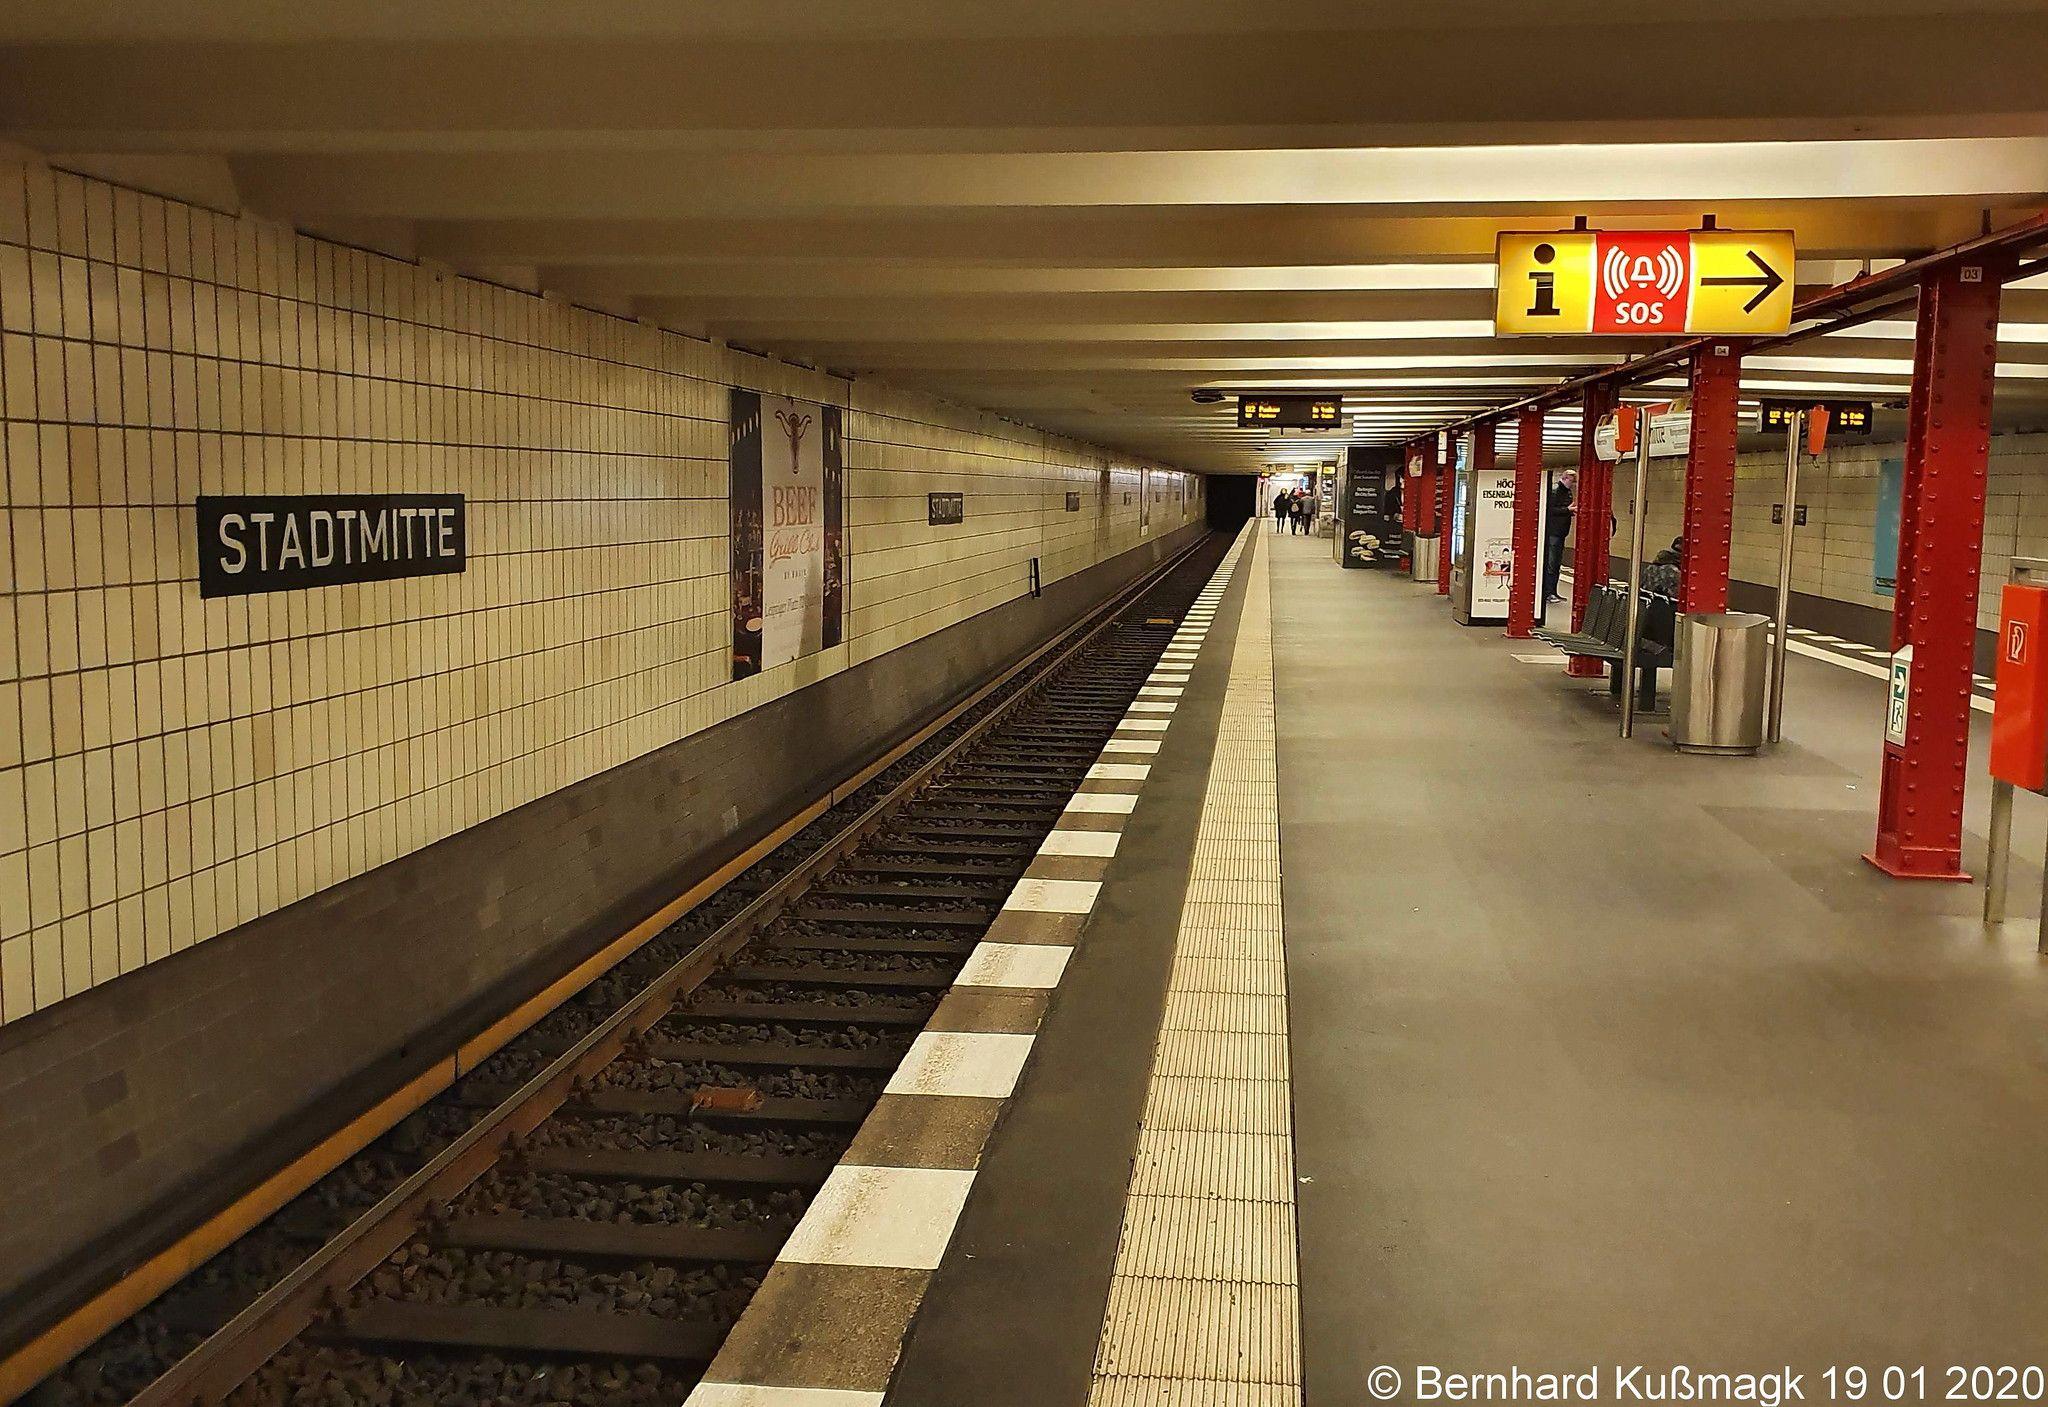 Europa Deutschland Berlin Mitte U Bahnhof Stadtmitte U Bahn Linie U2 In 2020 Model Railroad Berlin Underground